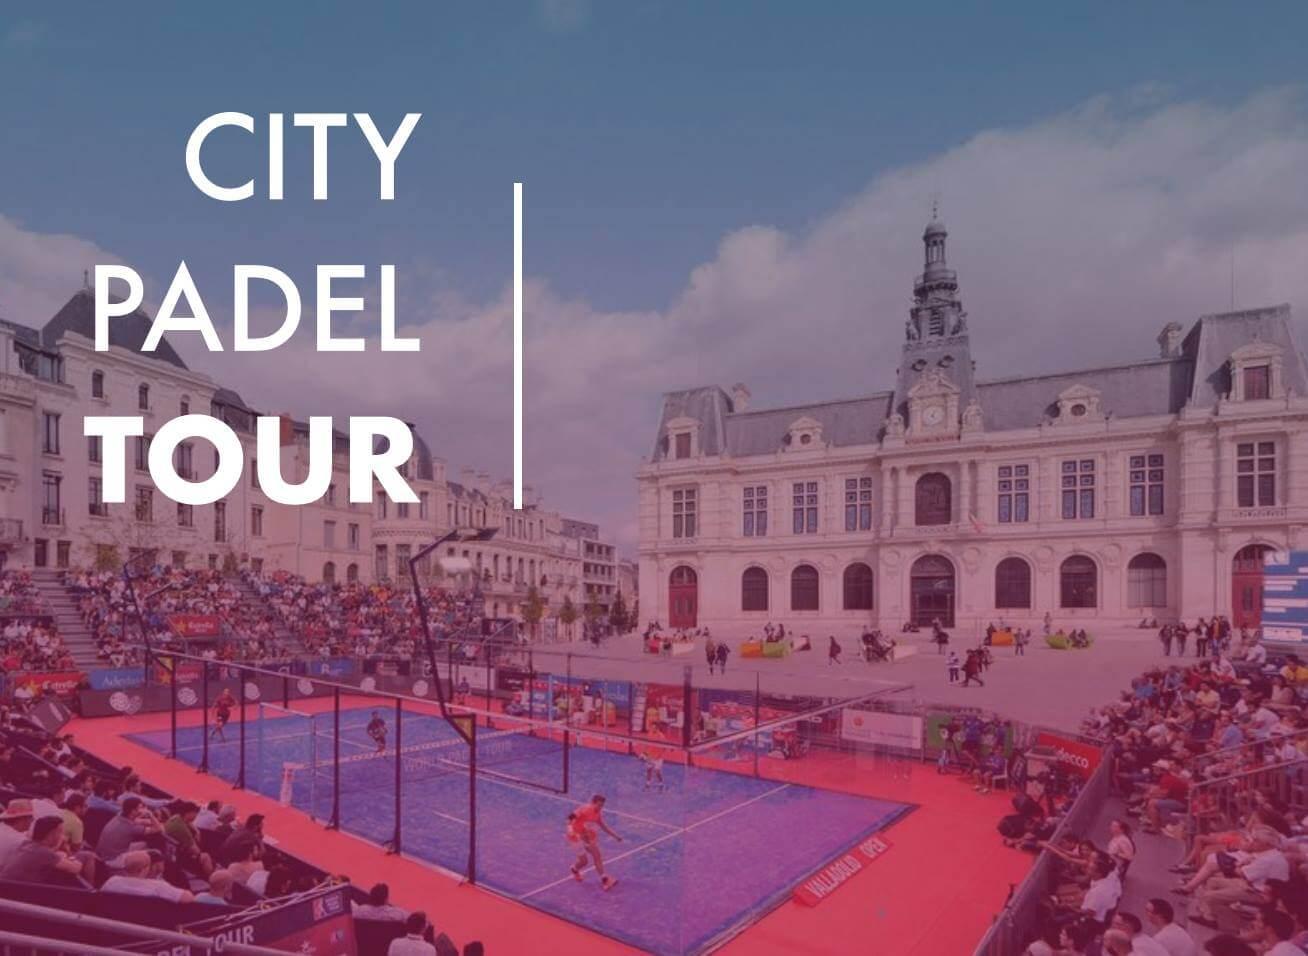 City Padel Tour : Financé par des privés